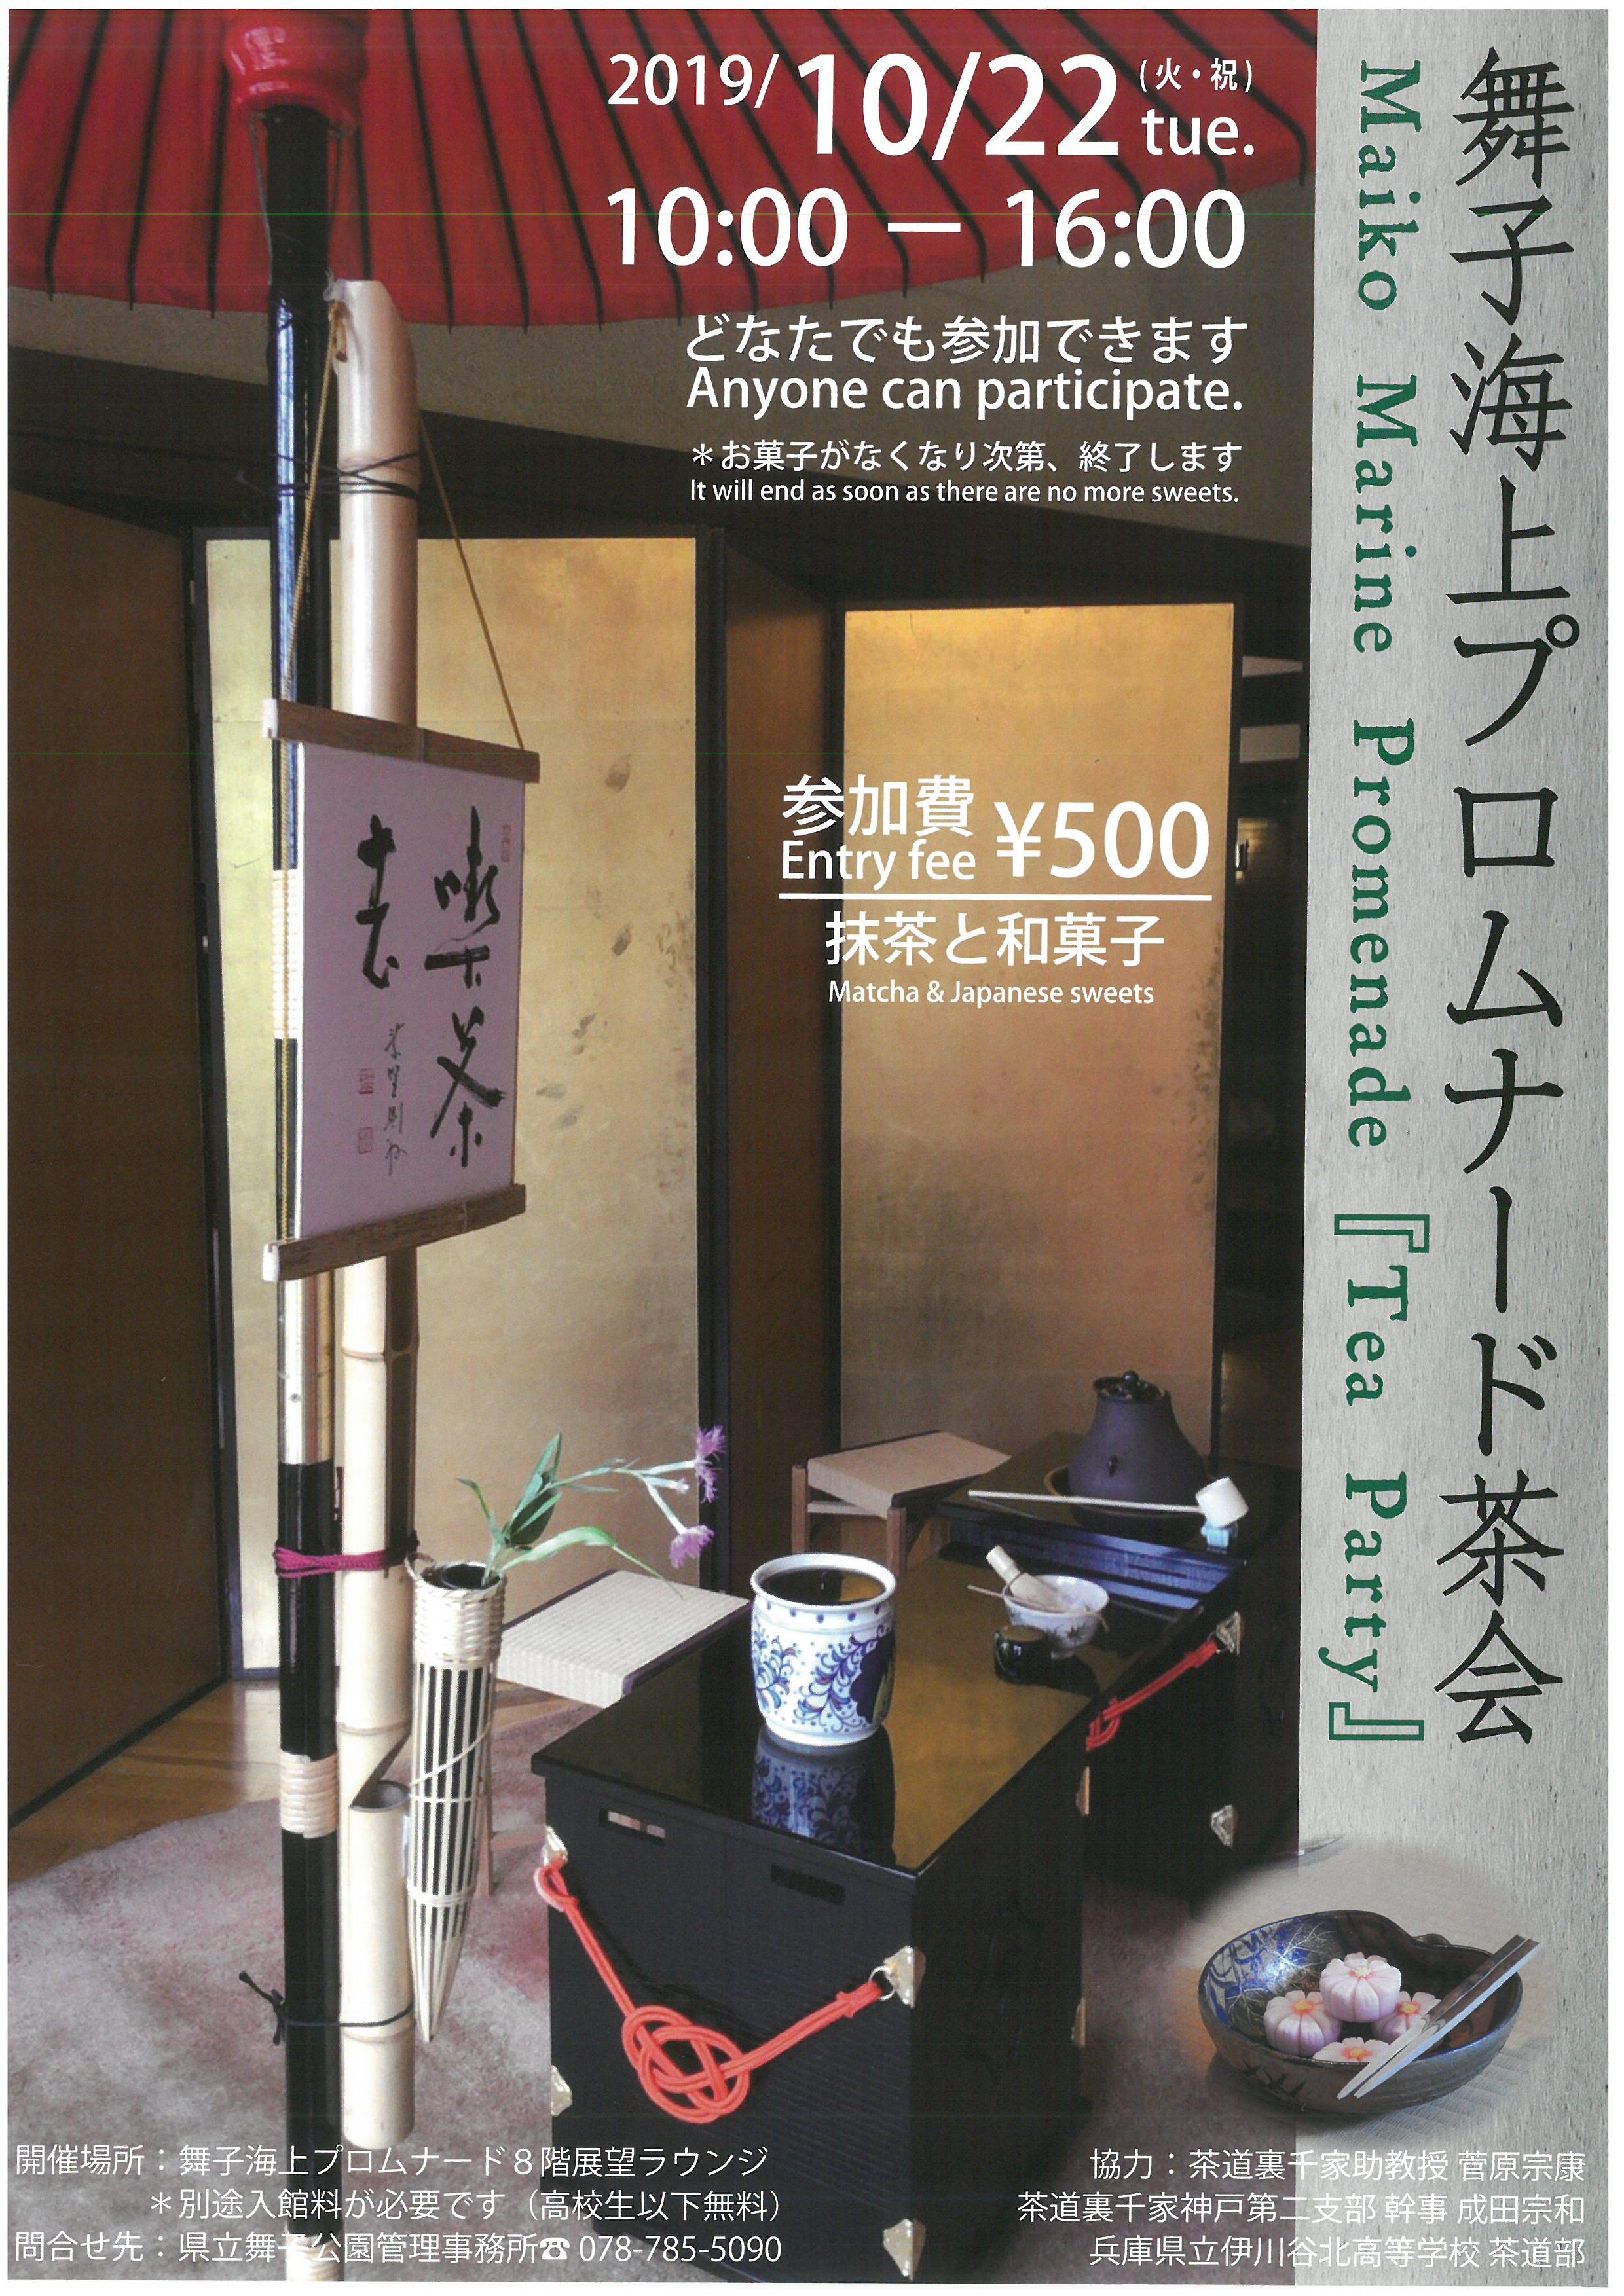 10/22(火)「舞子海上プロムナード茶会」のアイキャッチ